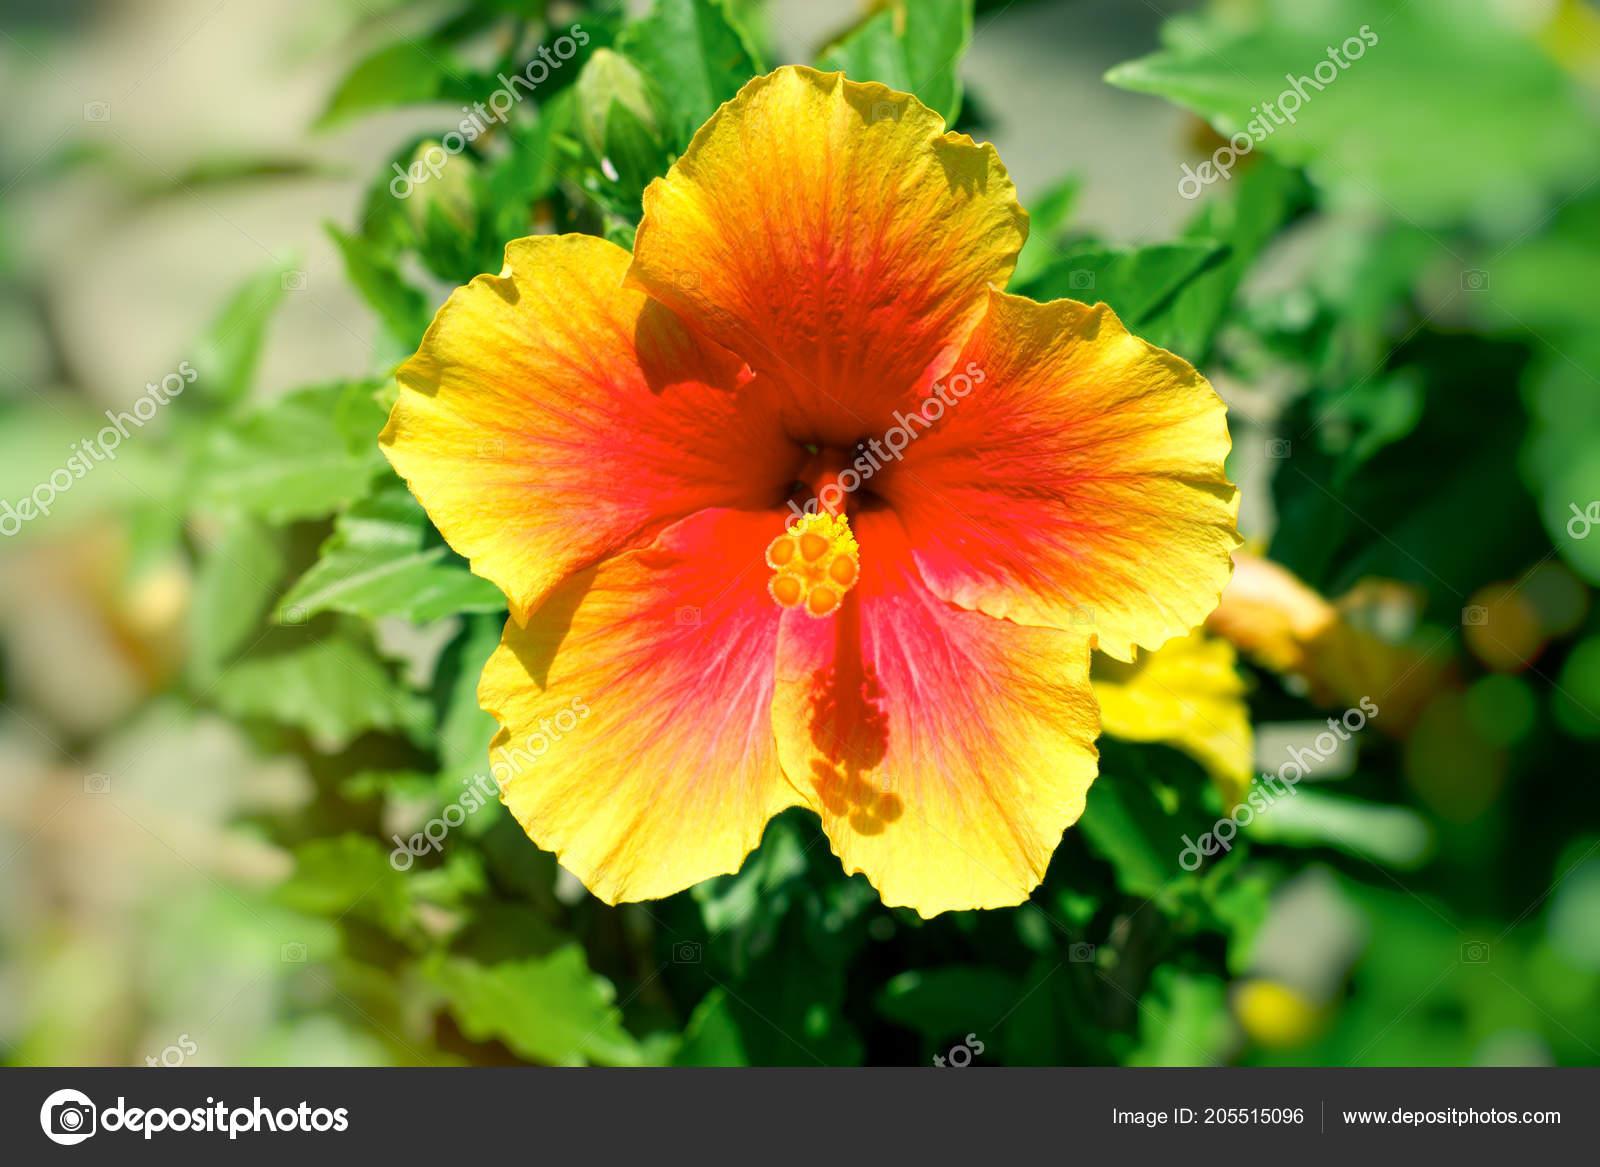 Schöne Blume Meinem Garten Blume Die Durch Sonnenlicht Beleuchtet